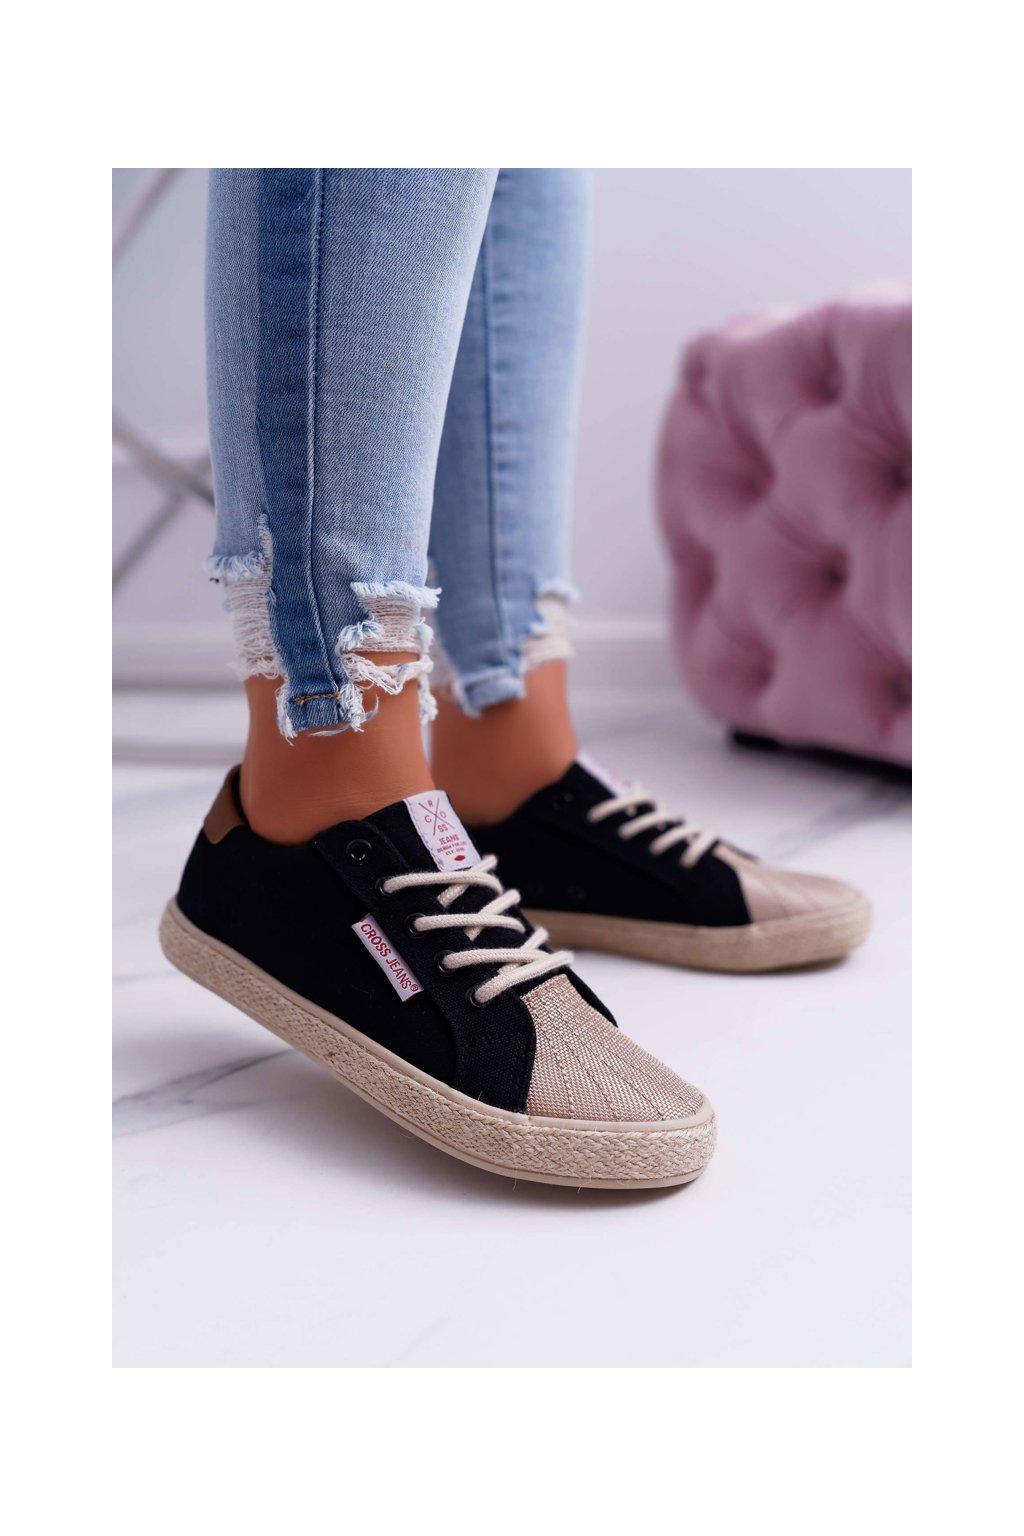 Nízke dámske tenisky Cross Jeans čierne DD2R4095